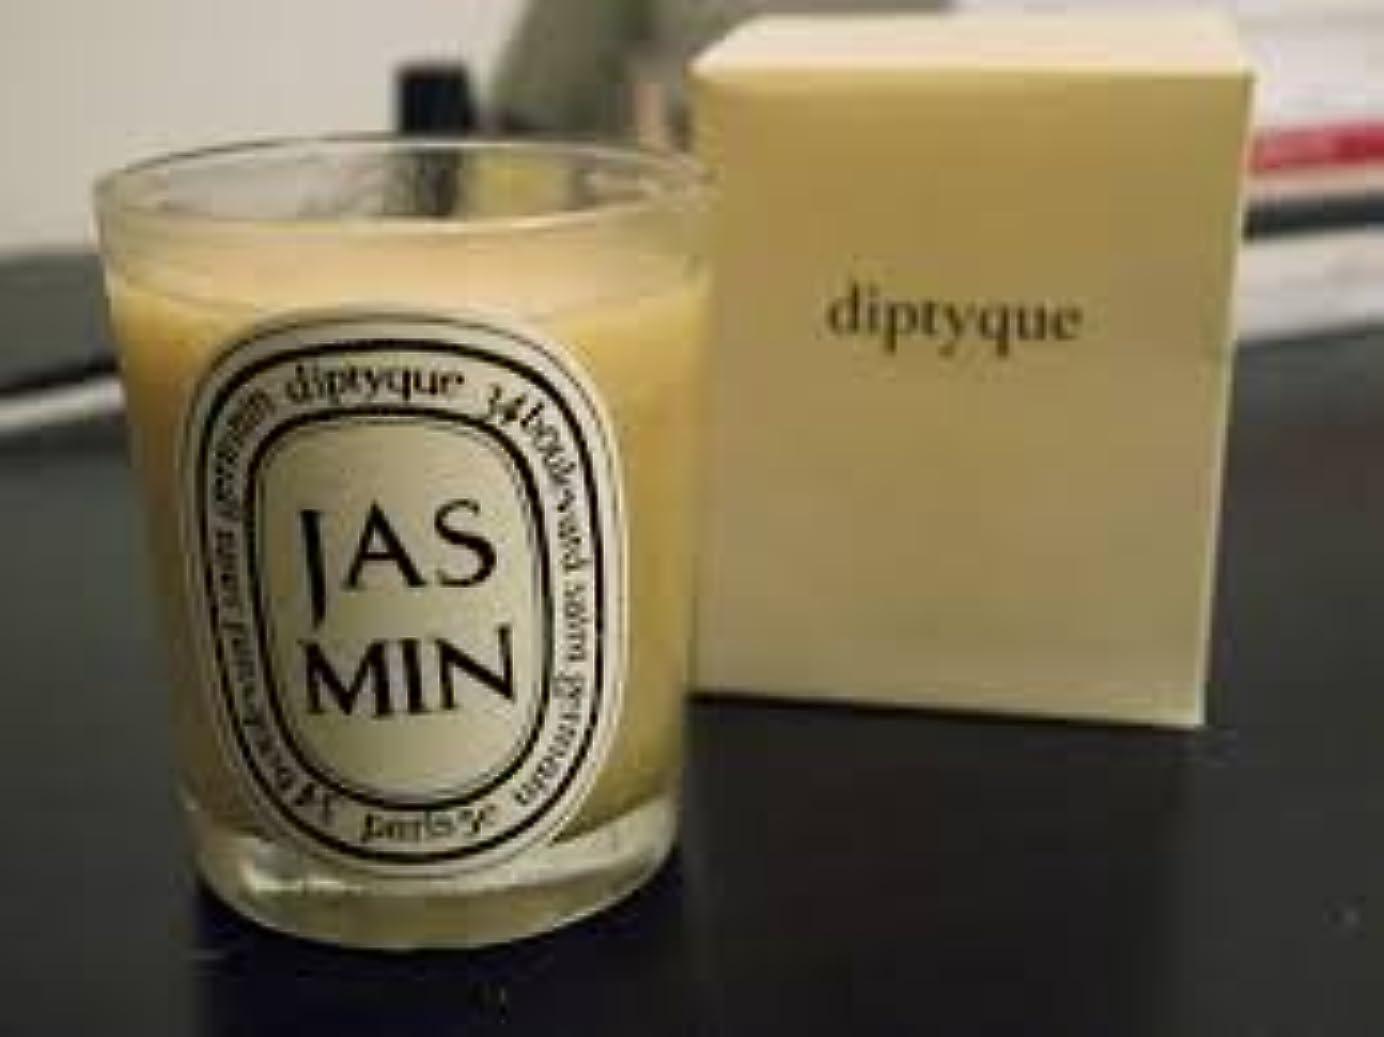 テメリティかもめ上げるDiptyque Jasmin Candle (ディプティック ジャスミン キャンドル) 2.4 oz (70g)